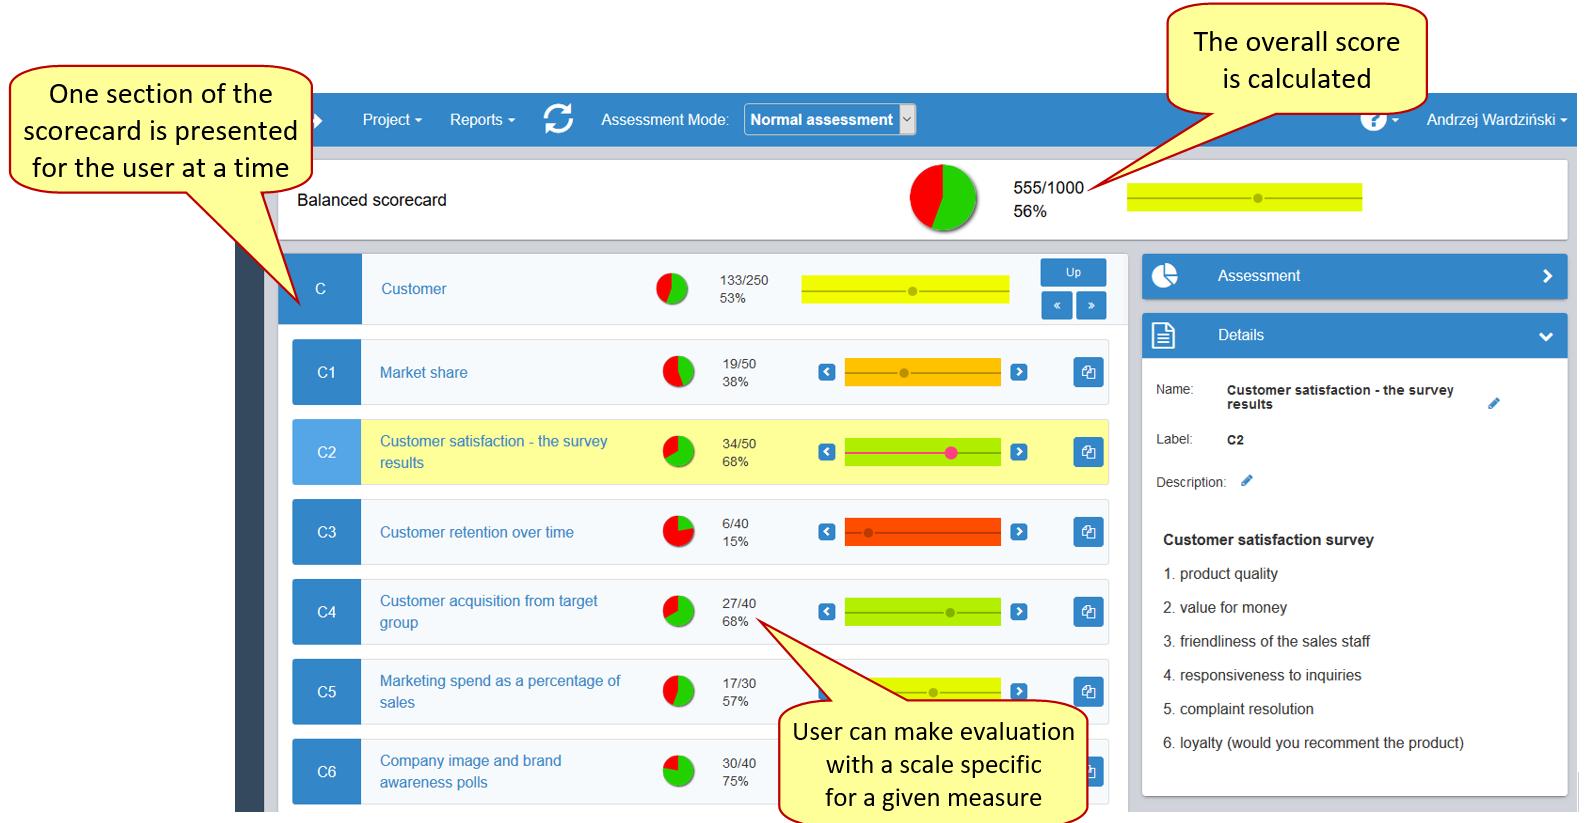 Balanced Scorecard evaluation